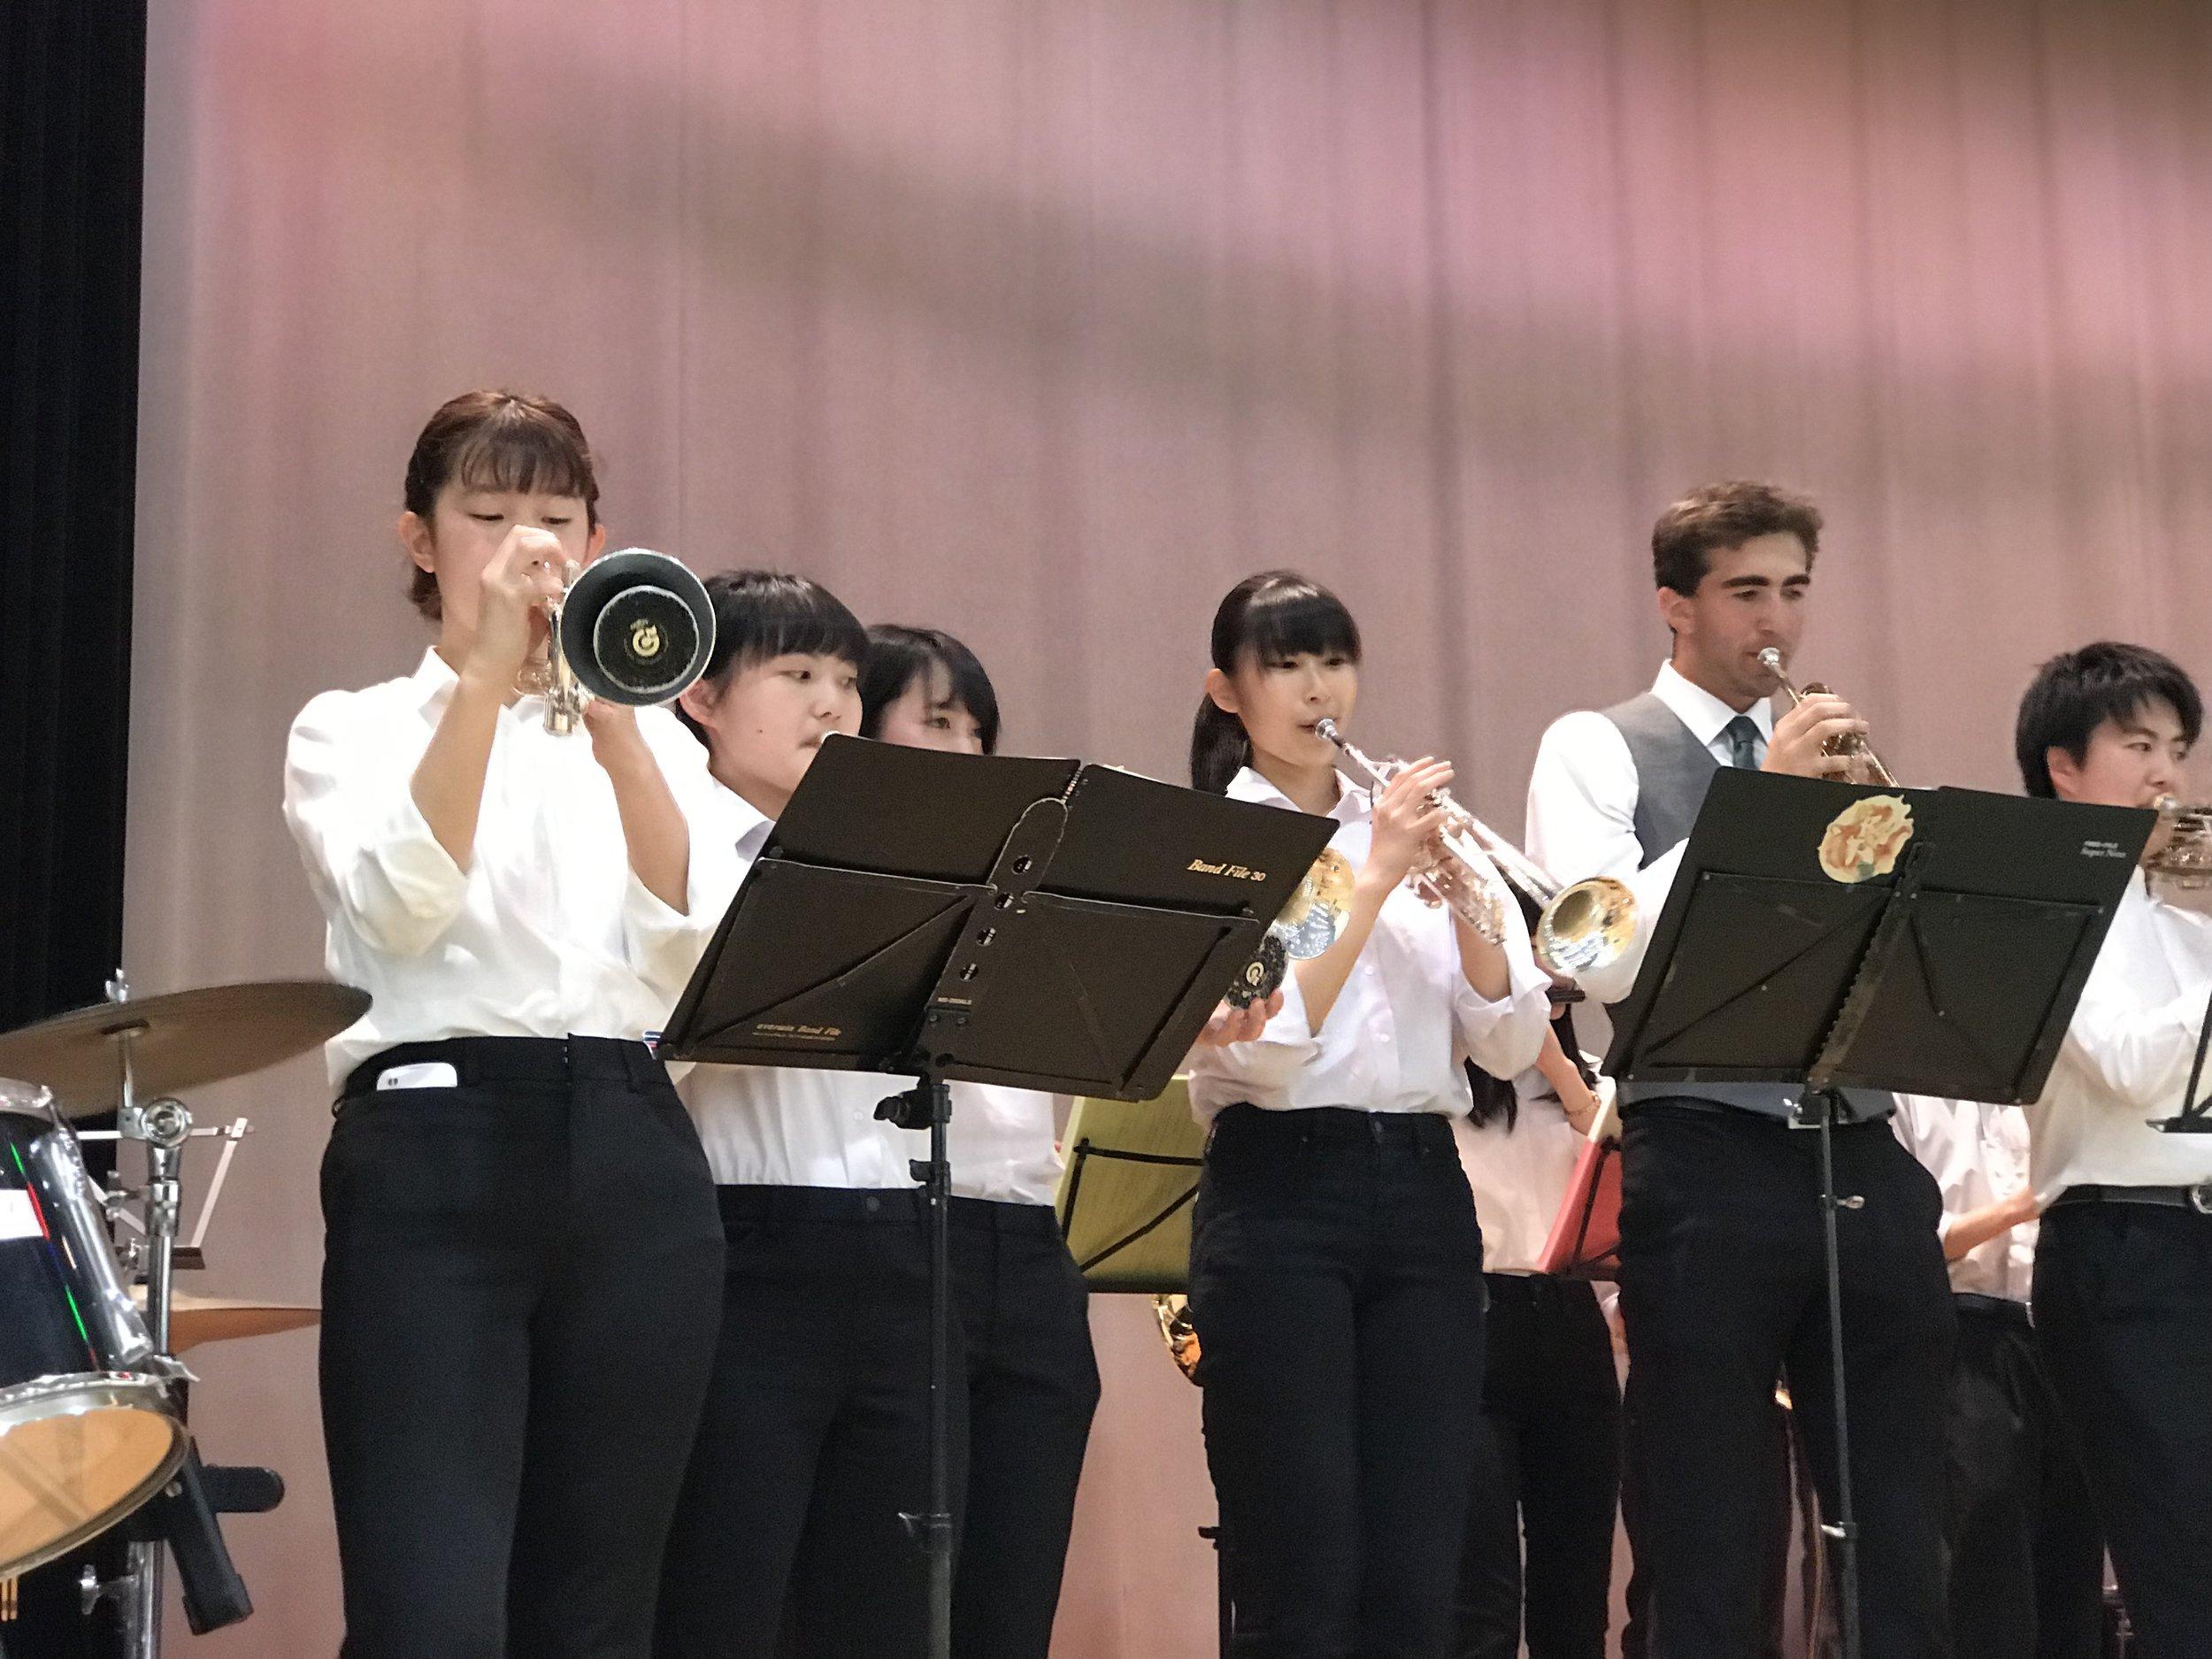 Playing with the Kanazawa Jazz Band!